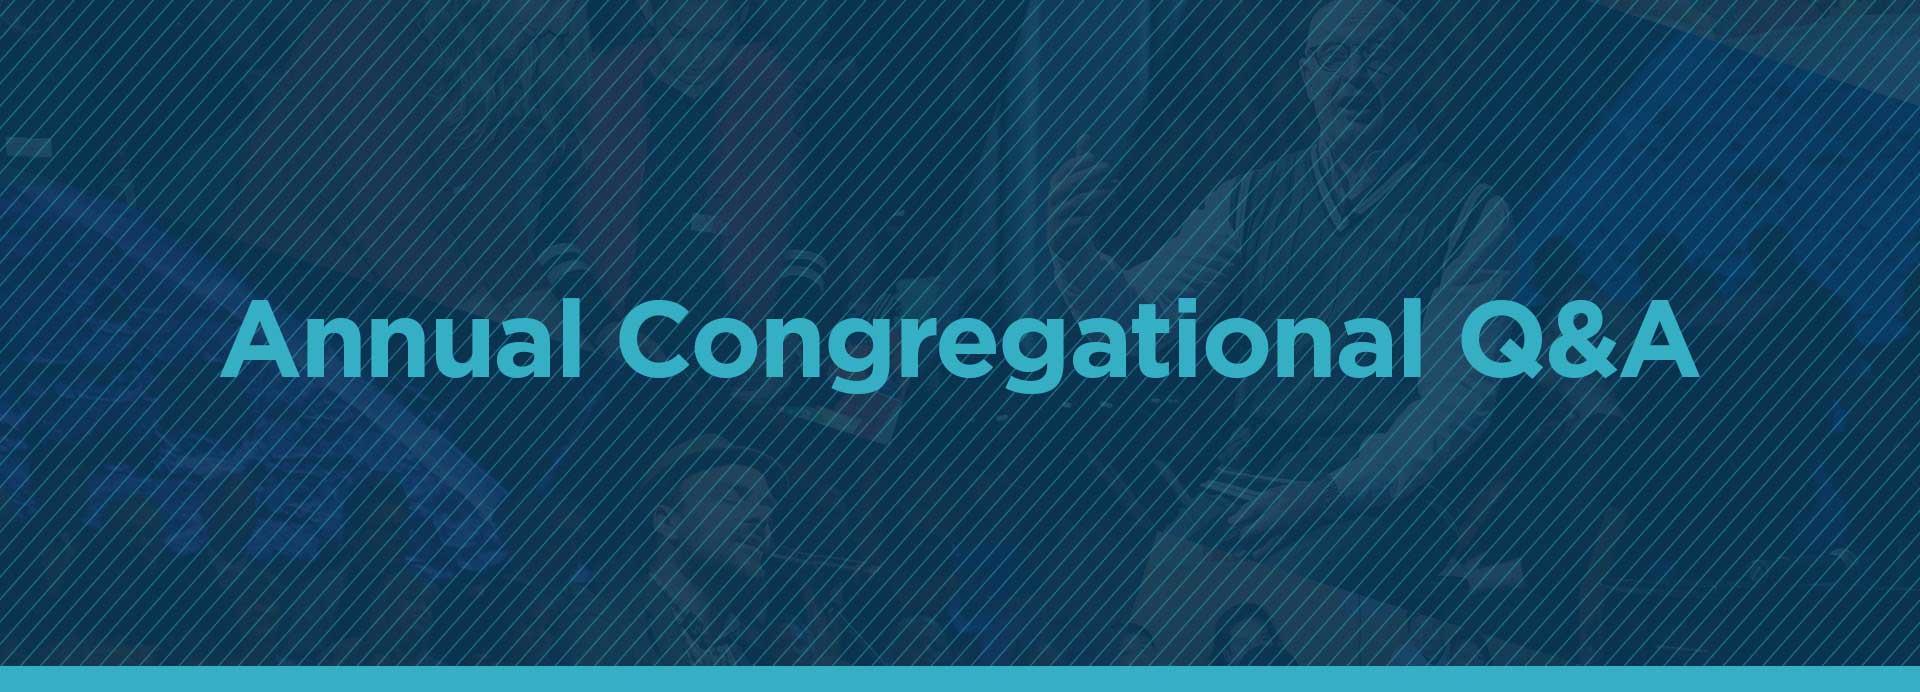 Congregational-Q&A_1920x692.jpg